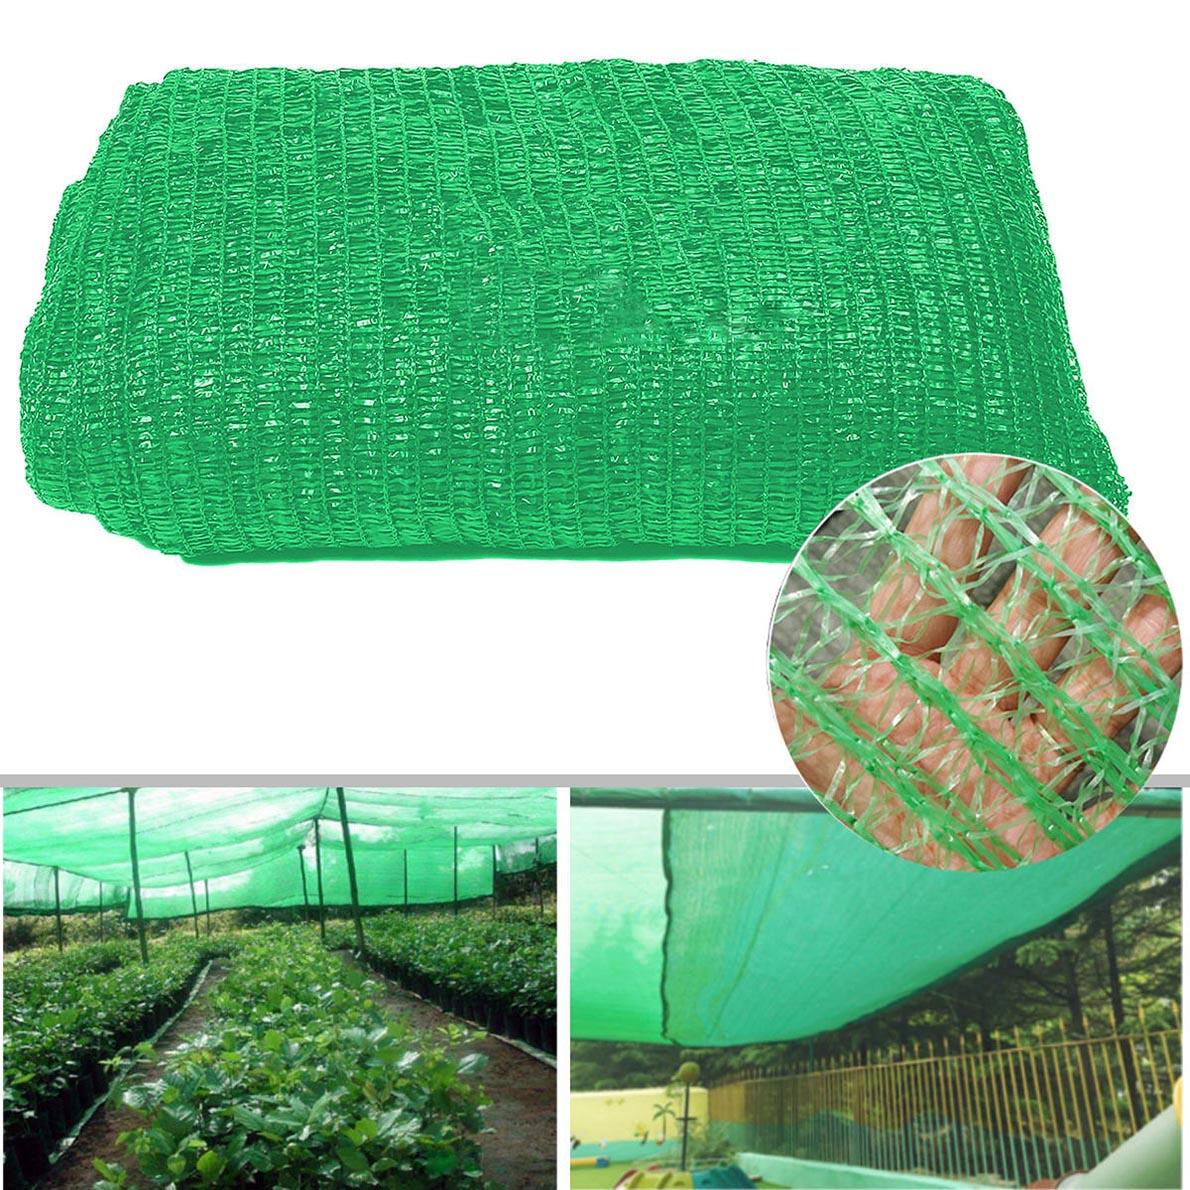 Ứng dụng của lưới che nắng thái lan golden sun khổ 2mx100m che nắng 70%